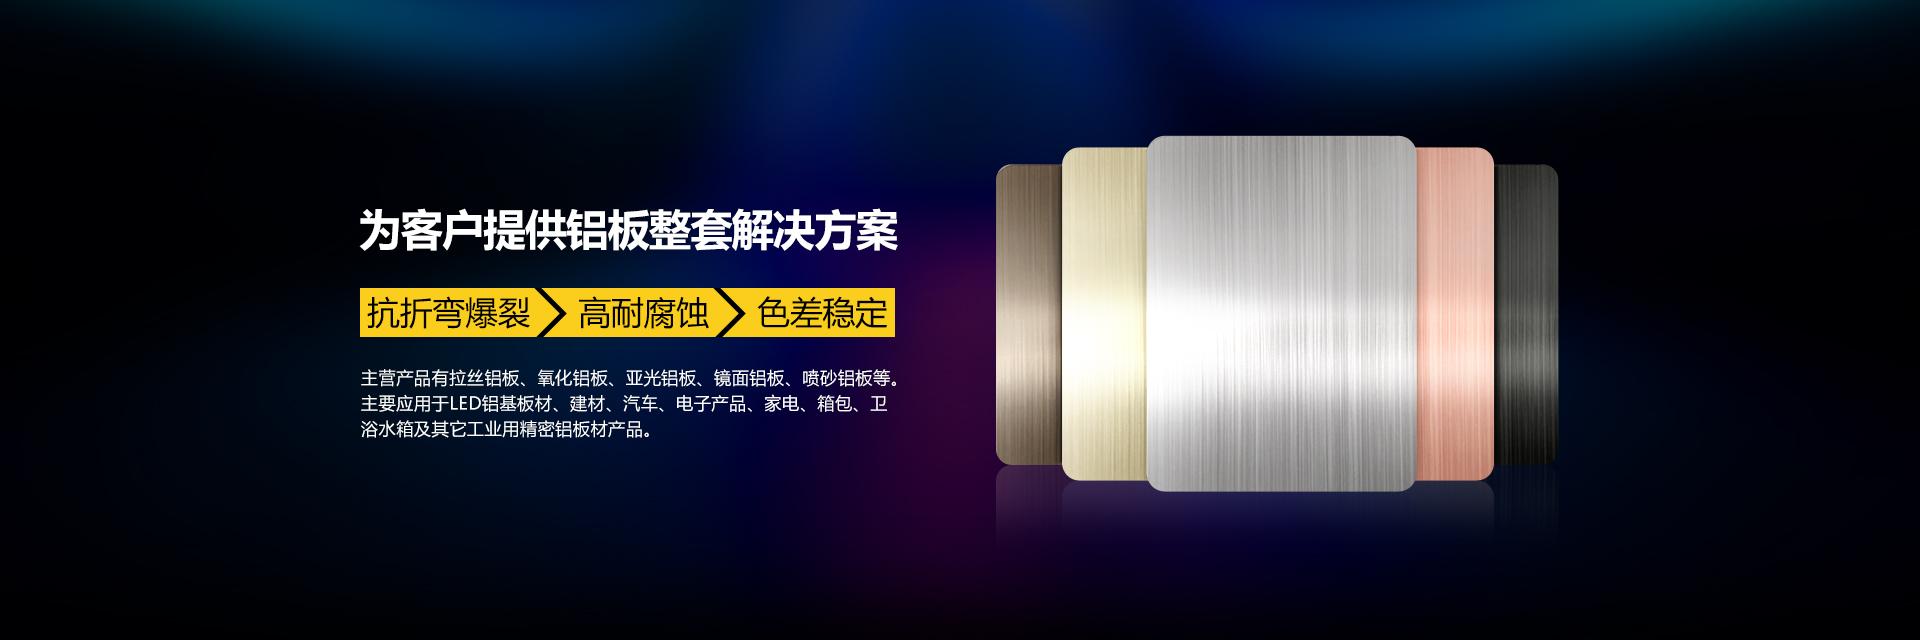 铝板批发,铝板加工,铝板厂家